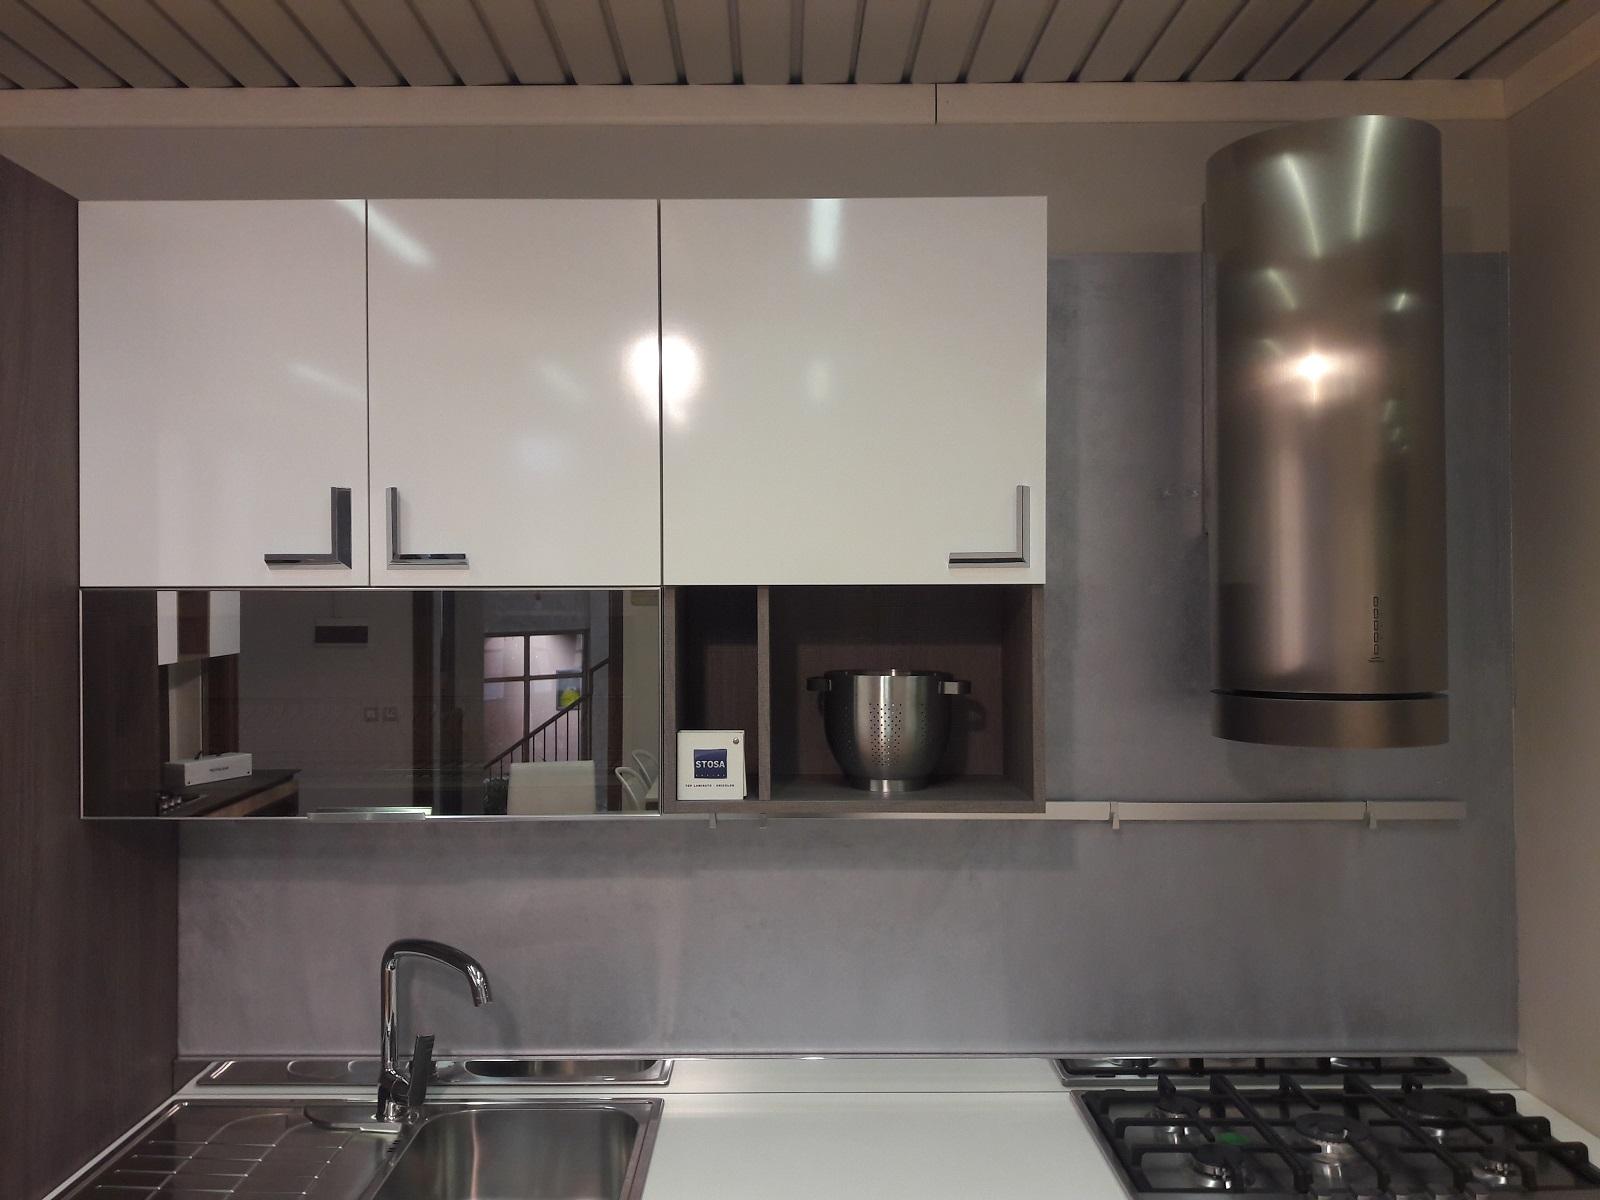 Stosa cucine moderne laminato kuche le migliori idee per la tua design per la casa - Cucine stosa opinioni ...